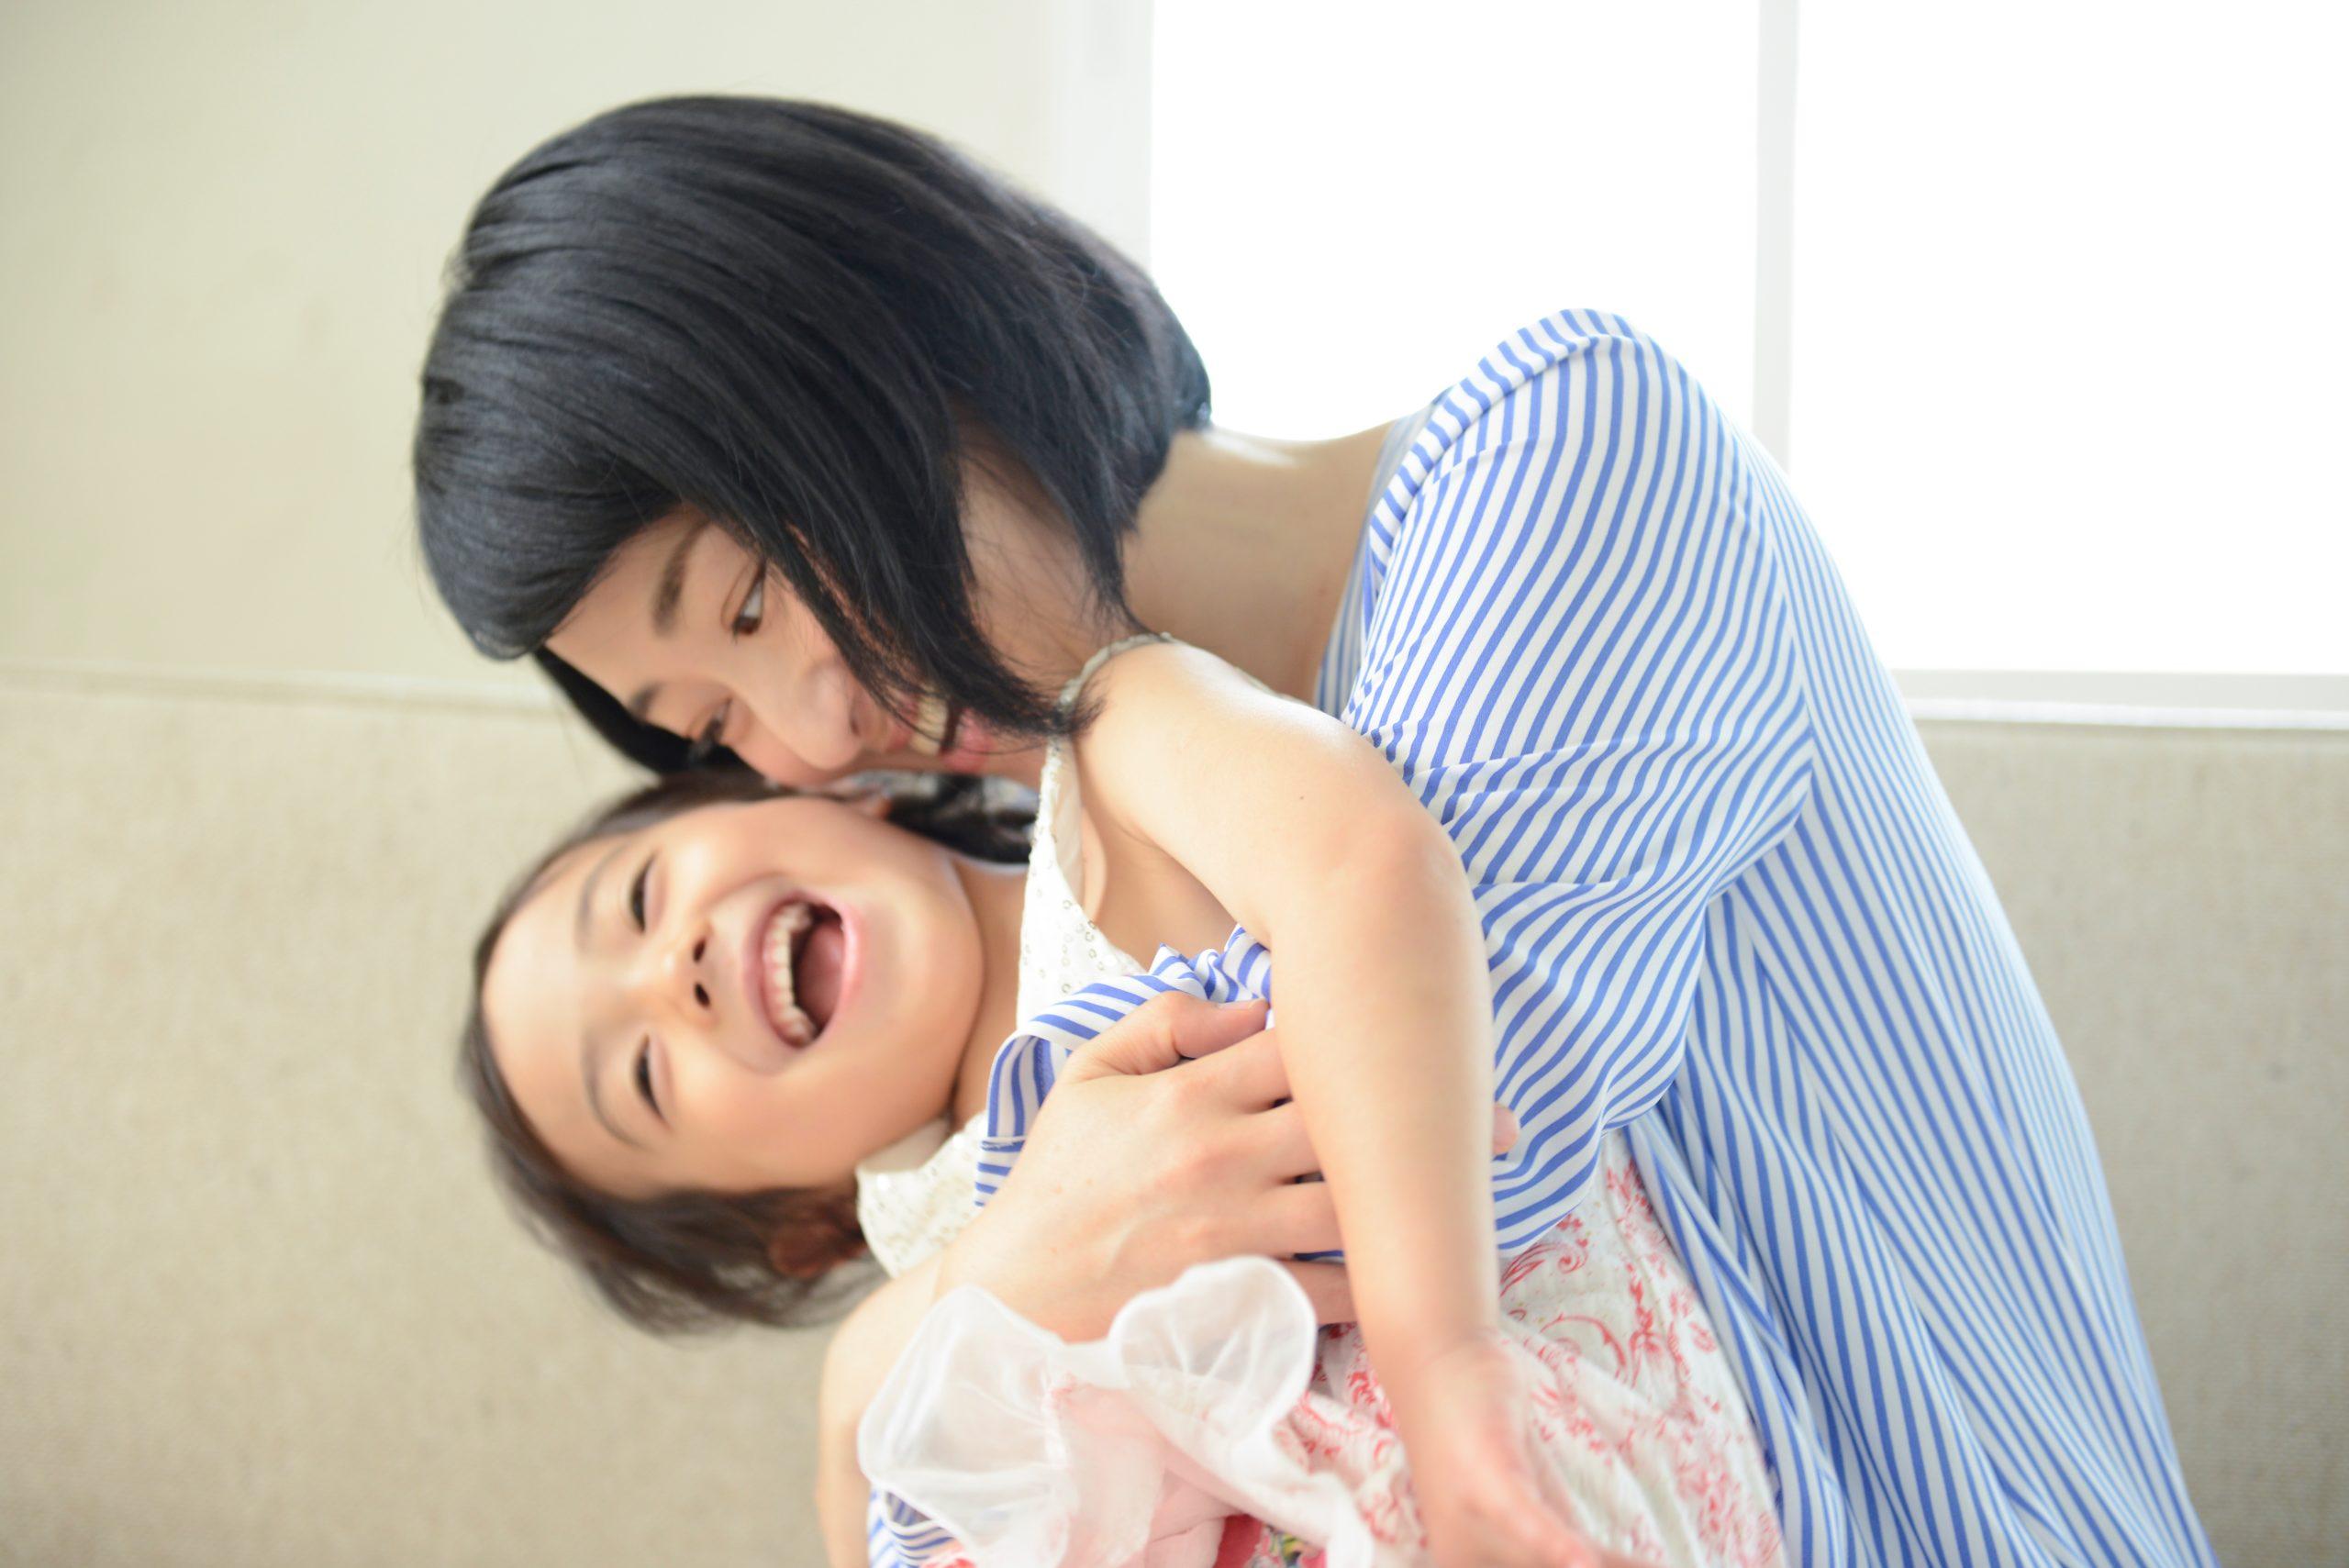 母親に抱きしめられる子供